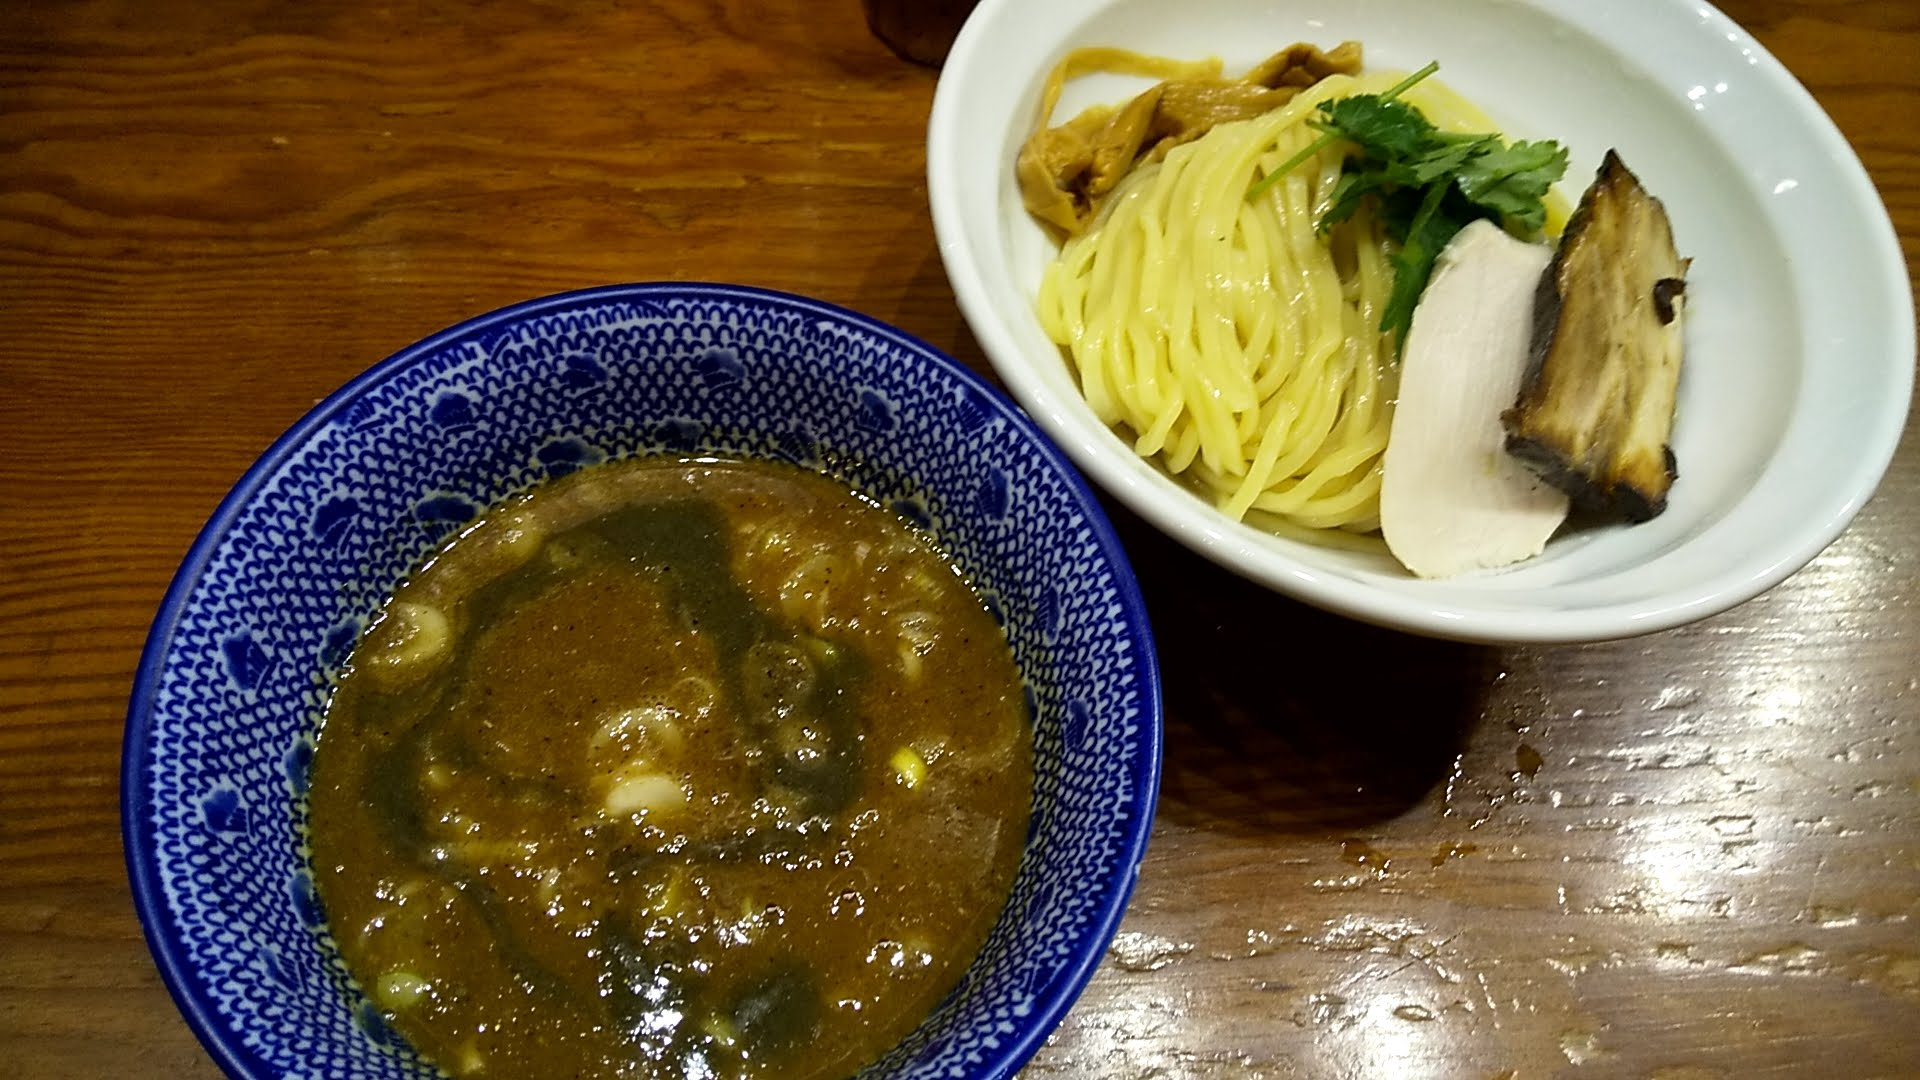 麺や百日紅の濃厚平子煮干しつけ麺